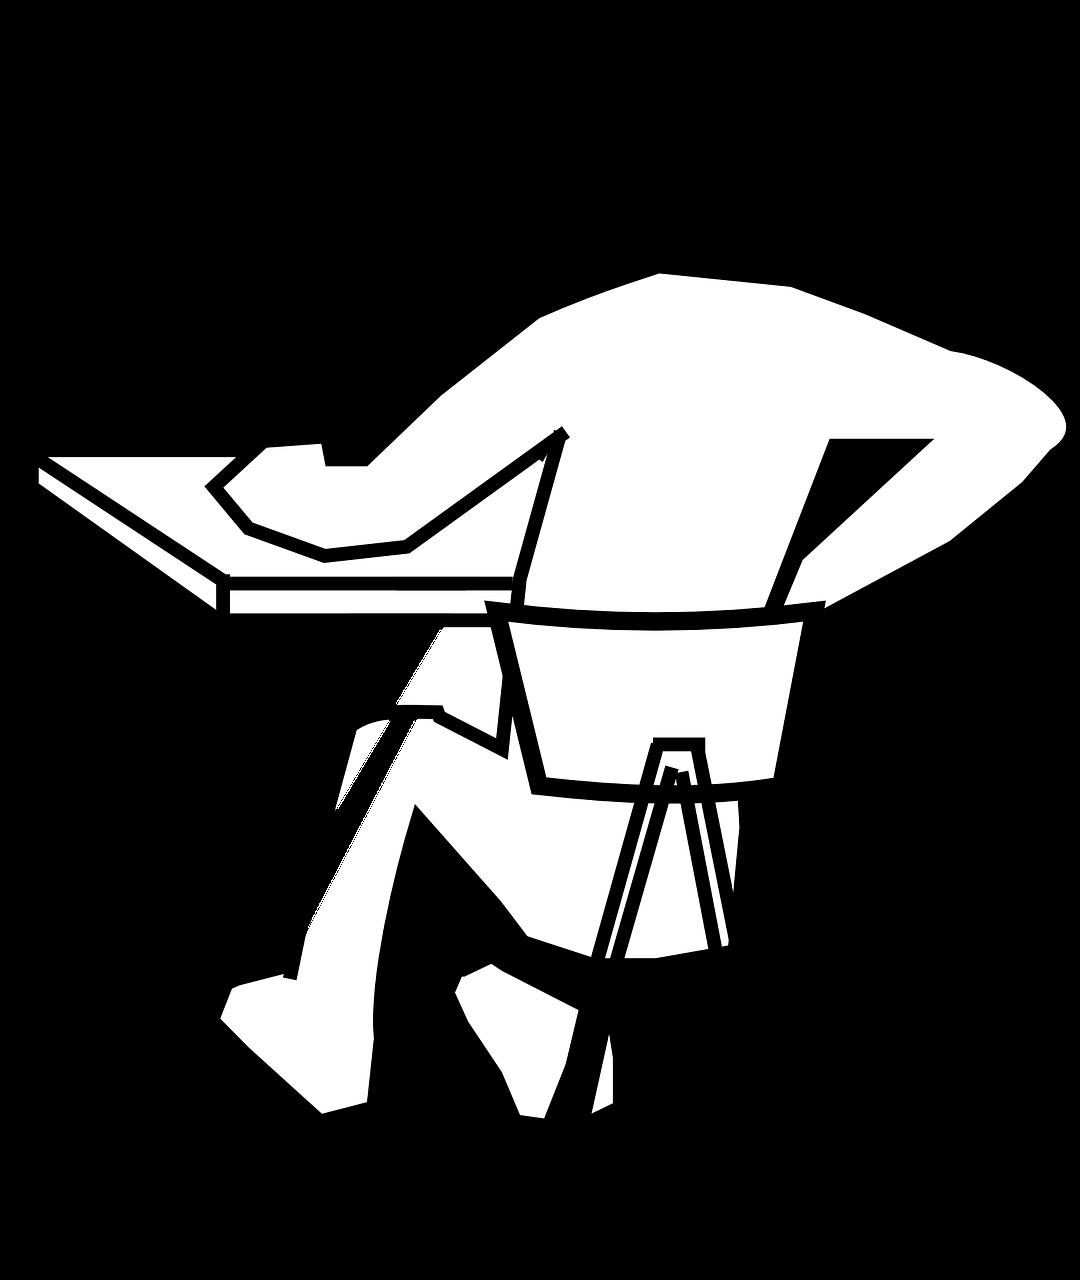 Usare sedie comode per mal di schiena - Sediadaufficio ...